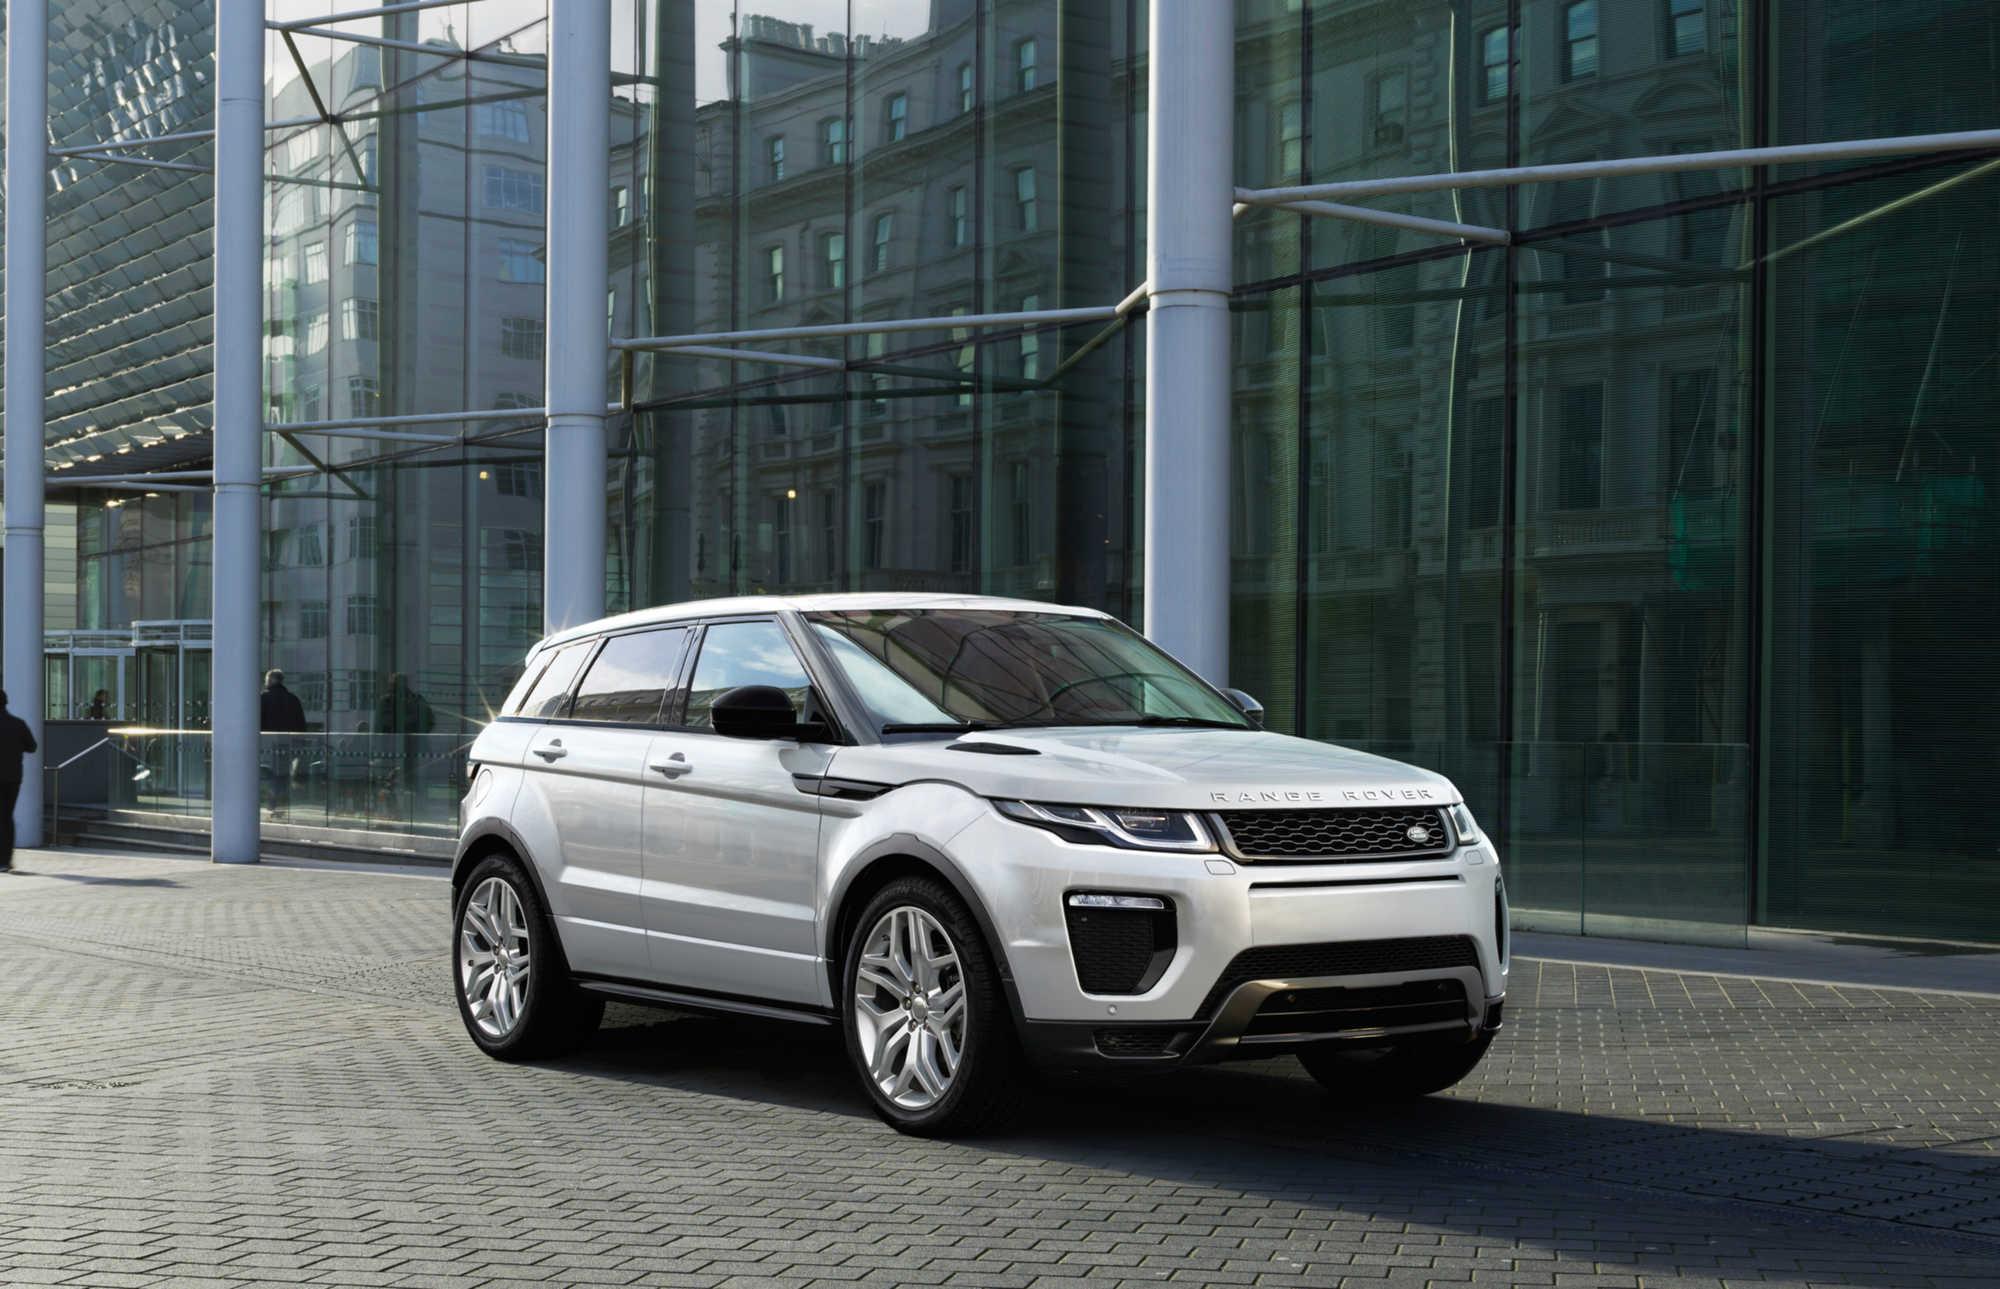 range rover evoque crossover review car keys. Black Bedroom Furniture Sets. Home Design Ideas